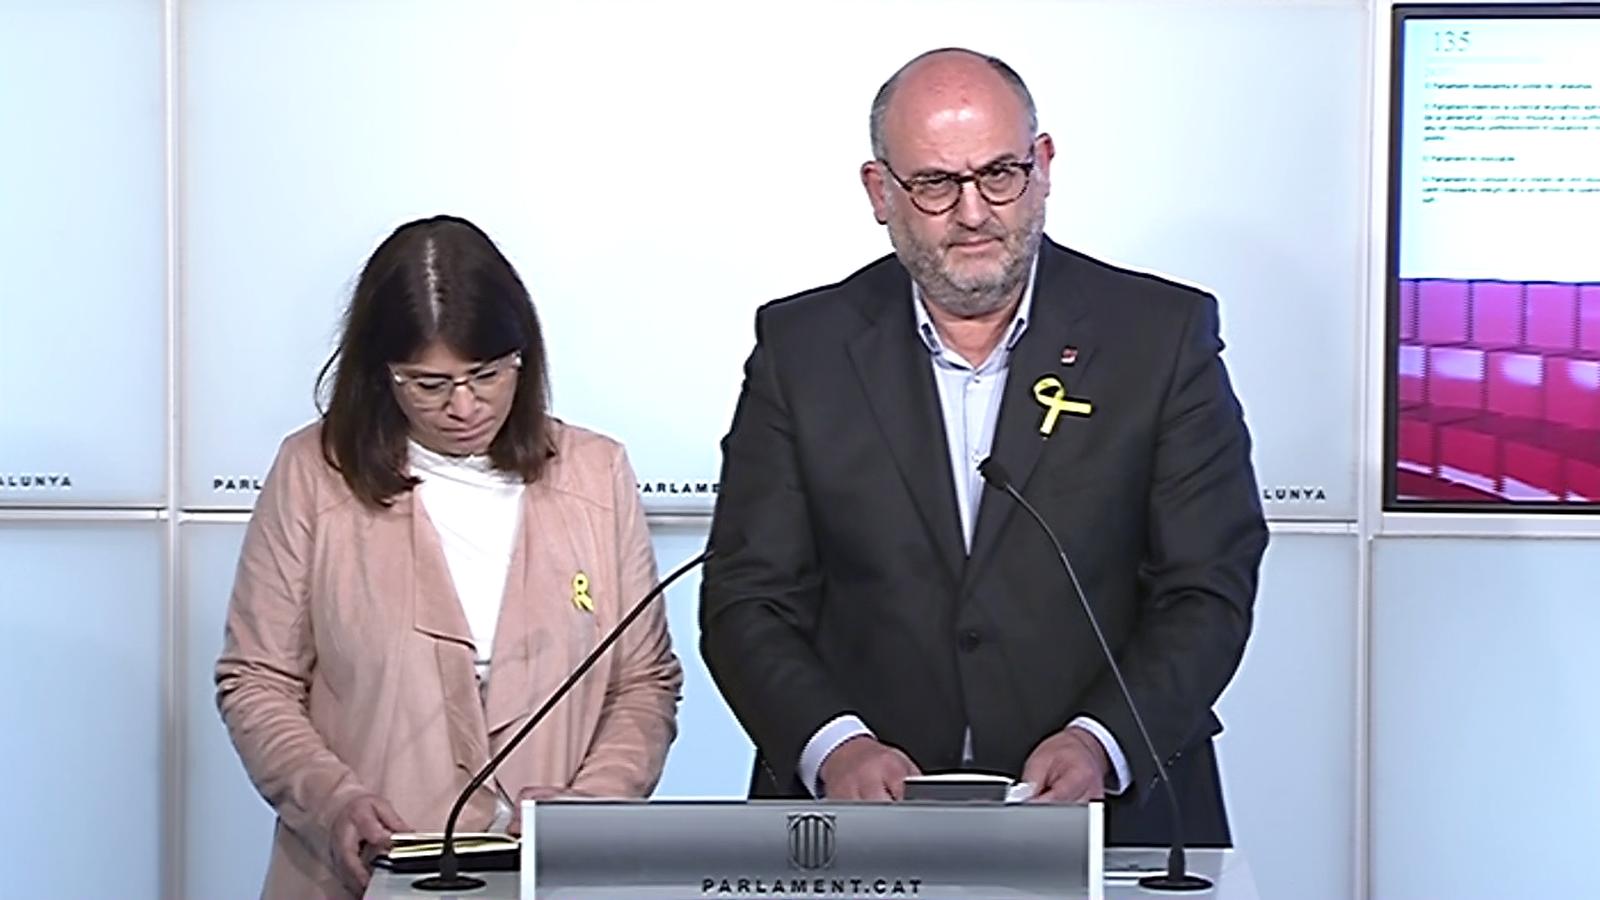 El portaveu de JxCat, Eduard Pujol, titlla de cop d'Estat els tràmits per impugnar la candidatura de Carles Puigdemont, i apunta que Soraya Sáenz de Santamaría ha entrat en desobediència